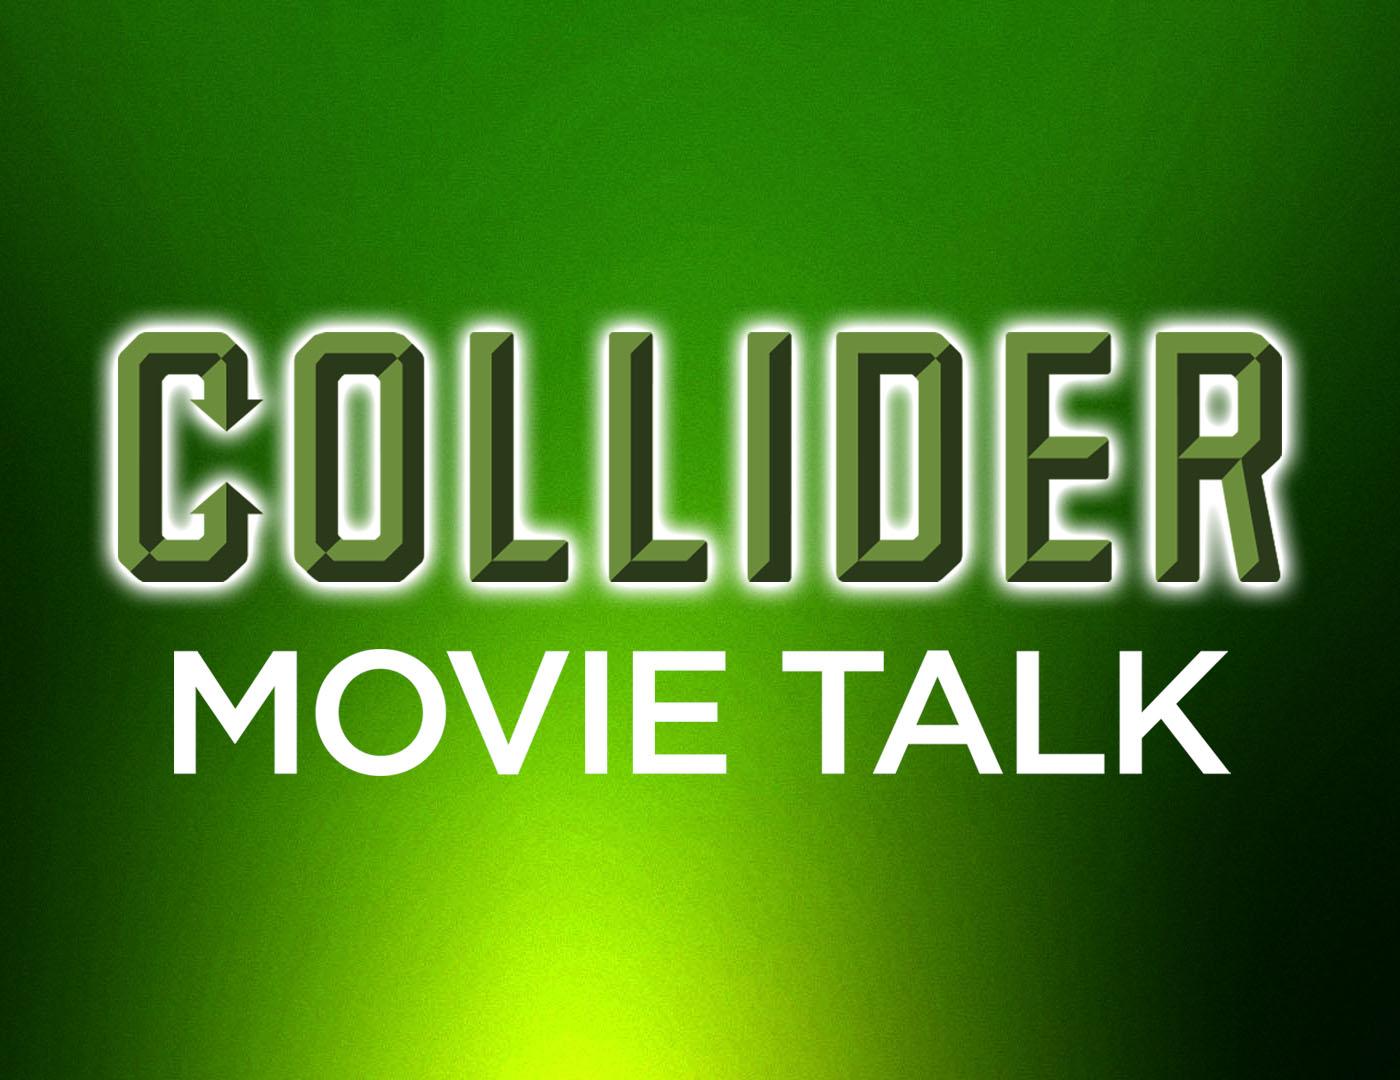 Collider Movie Talk - Spider-Man Film Delayed, Star Wars Get Best Picture Critics Nomination